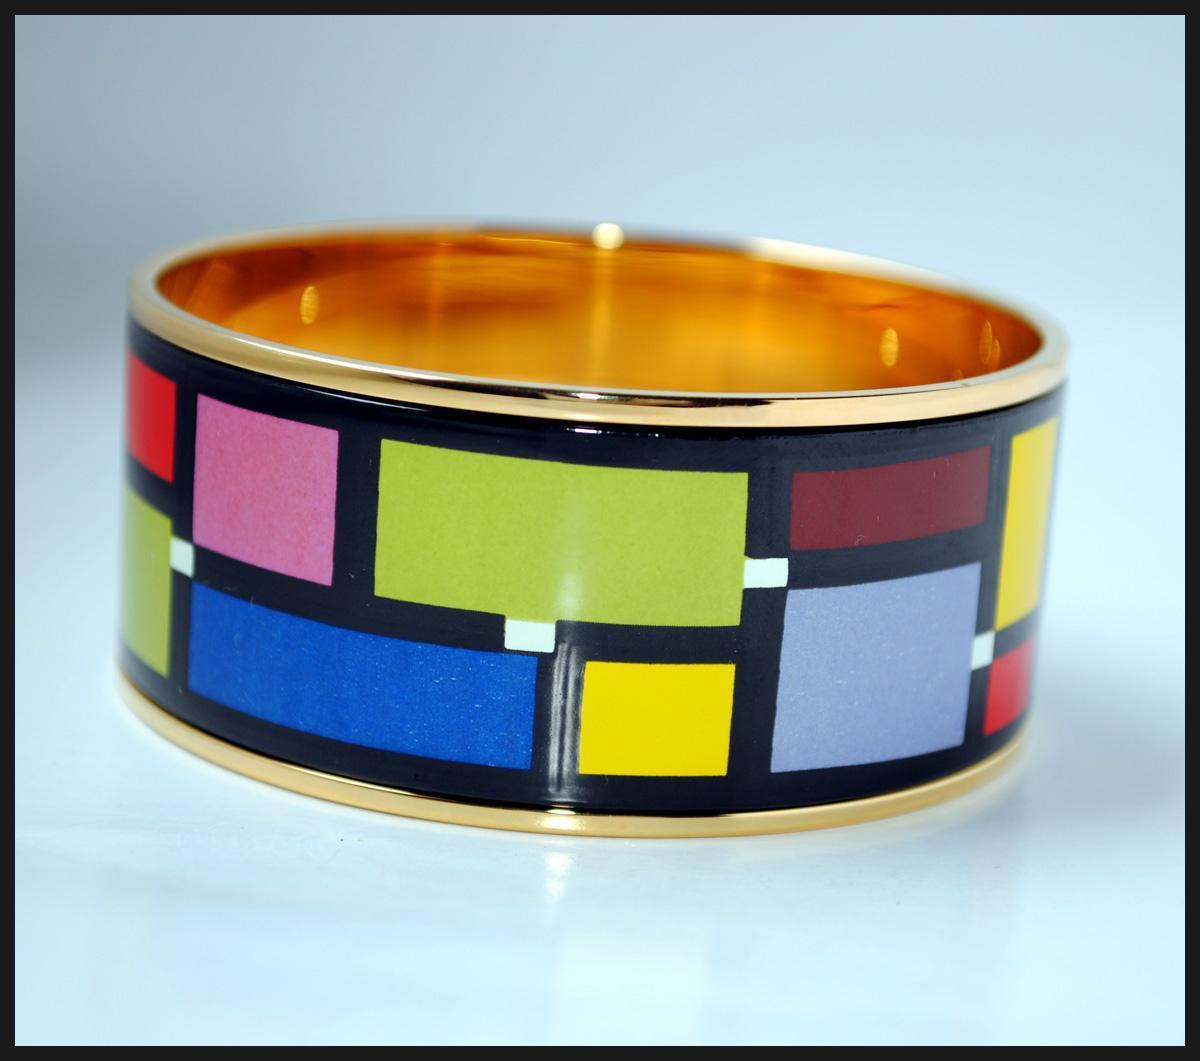 Mondrian Series 18K brazalete de esmalte chapado en oro para mujer Brazaletes de calidad superior brazaletes ancho 30mm Bisutería